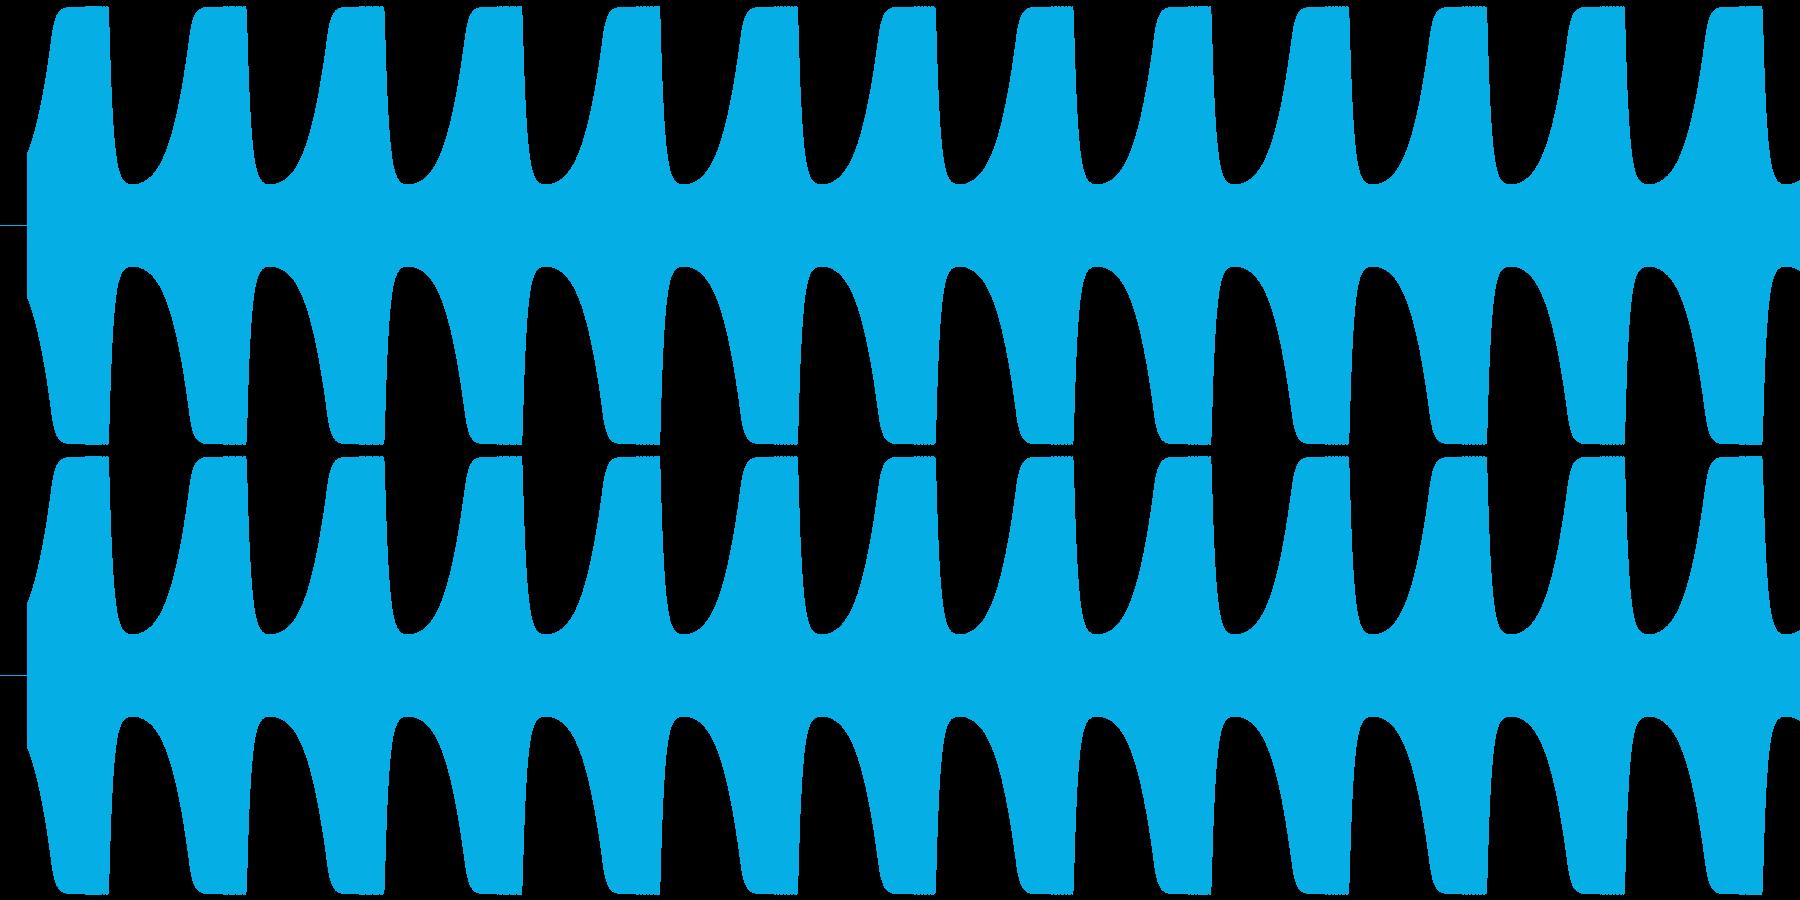 ゲームテキスト効果音A-1(普通)の再生済みの波形